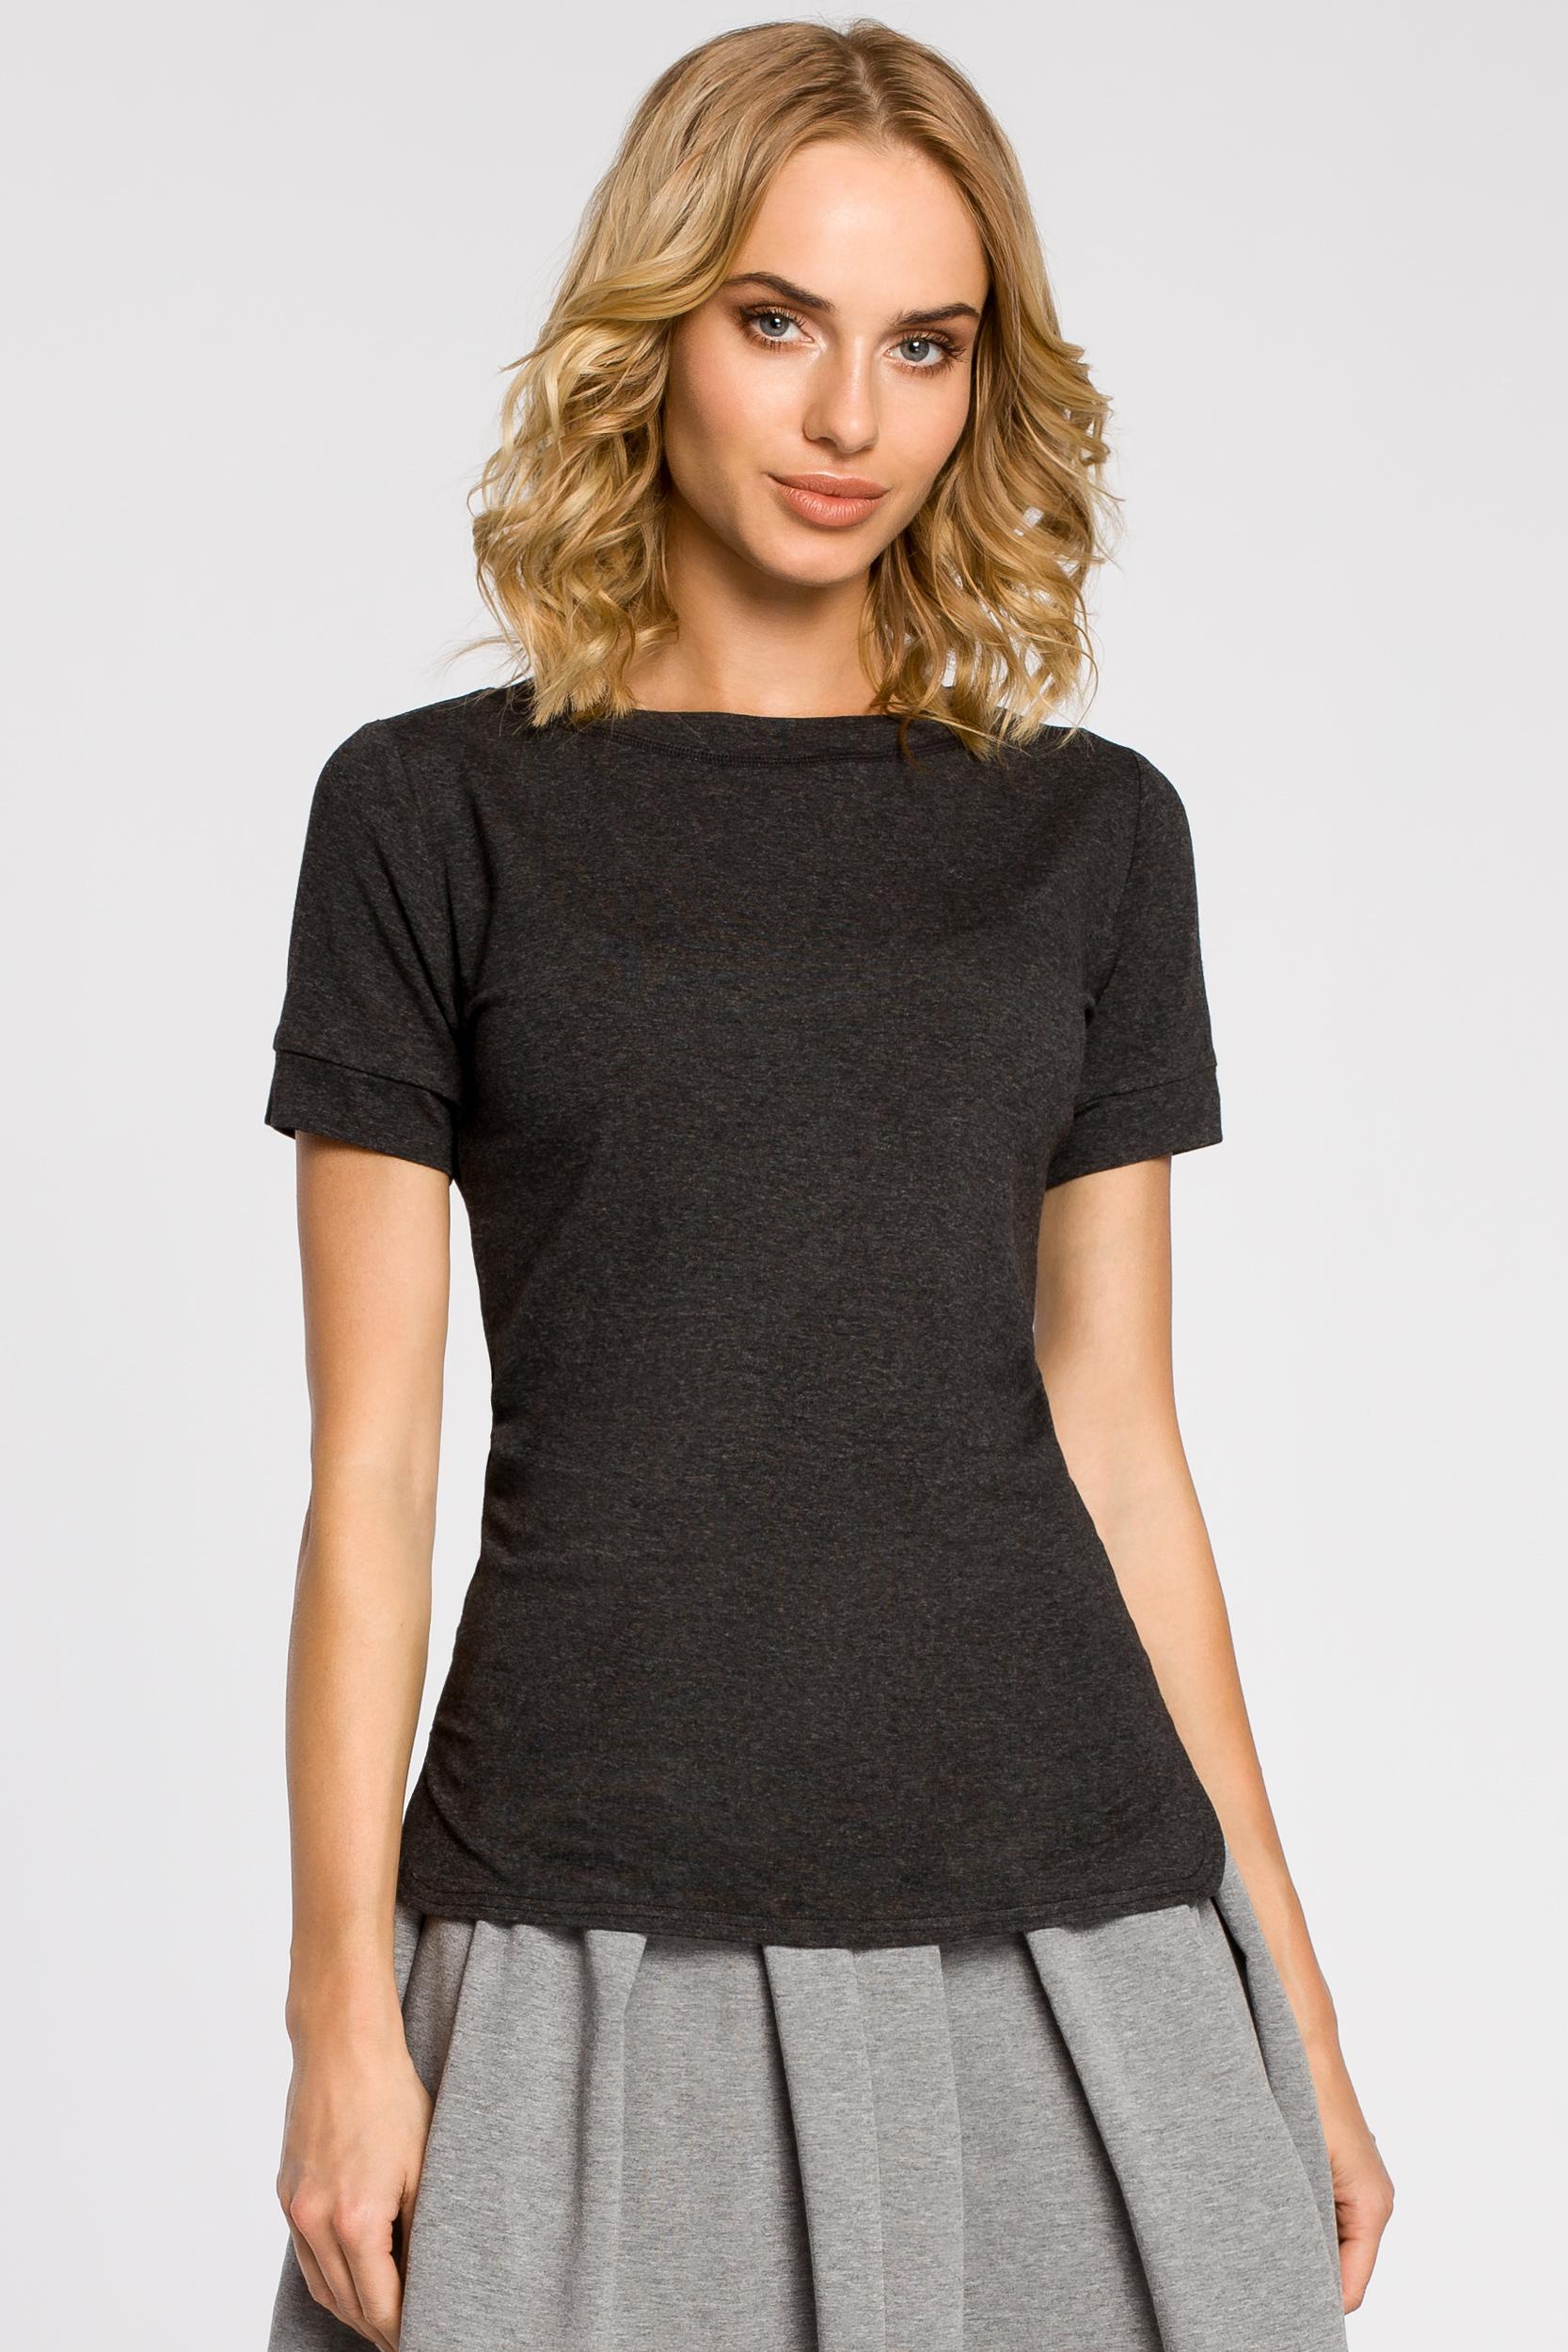 CM1558 Klasyczna koszulka damska z krótkim rękawem - grafitowa